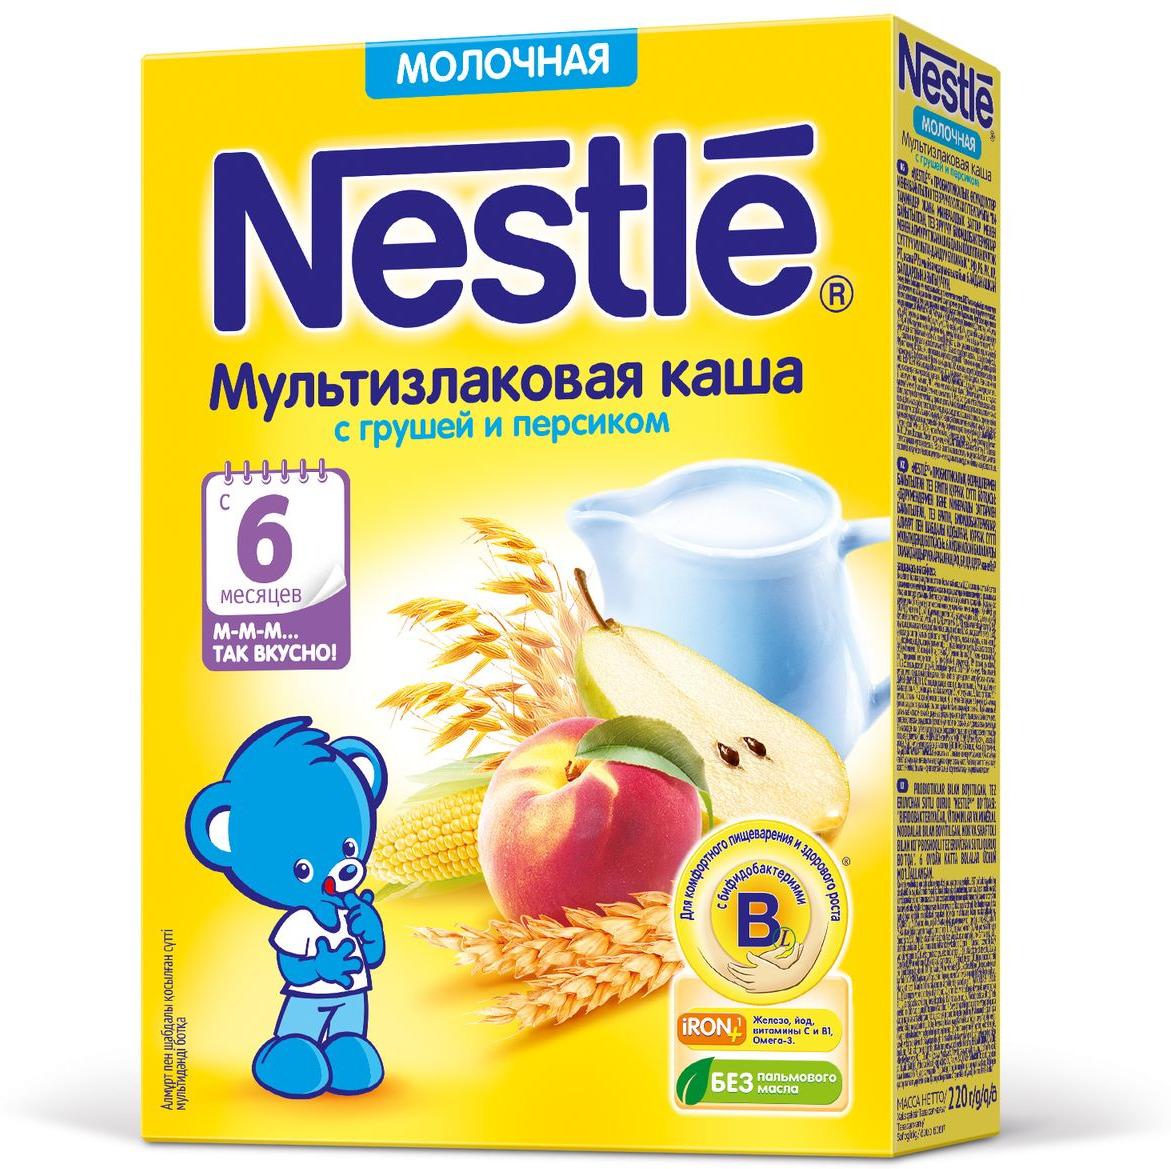 Nestle мультизлаковая с грушей и персиком каша молочная, 220 г